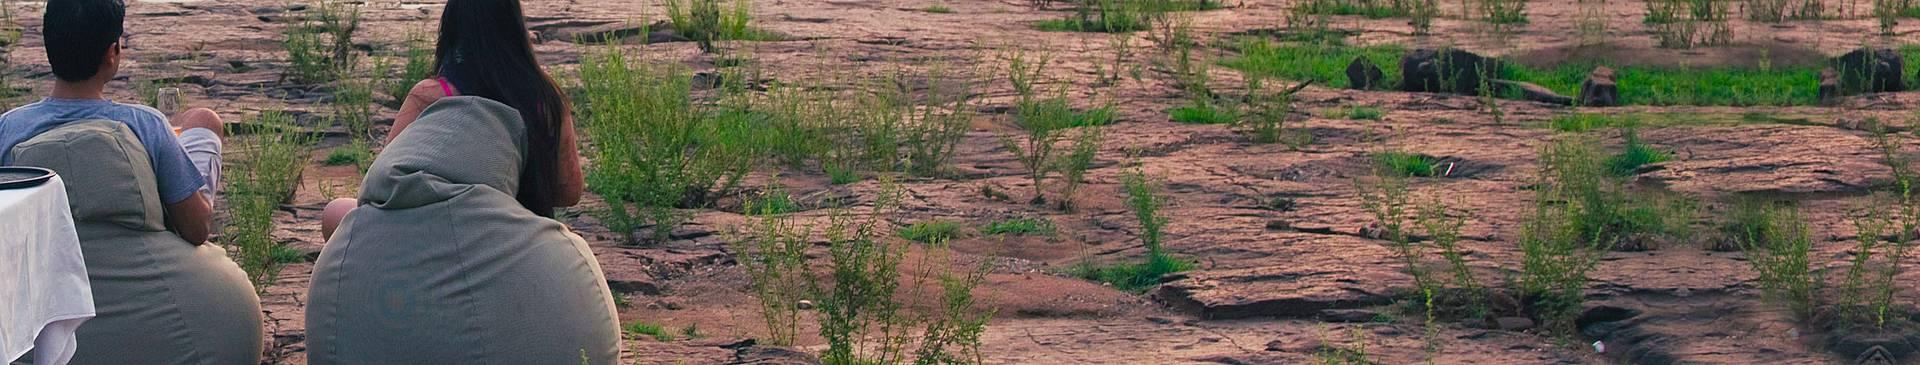 Flitterwochen Tansania